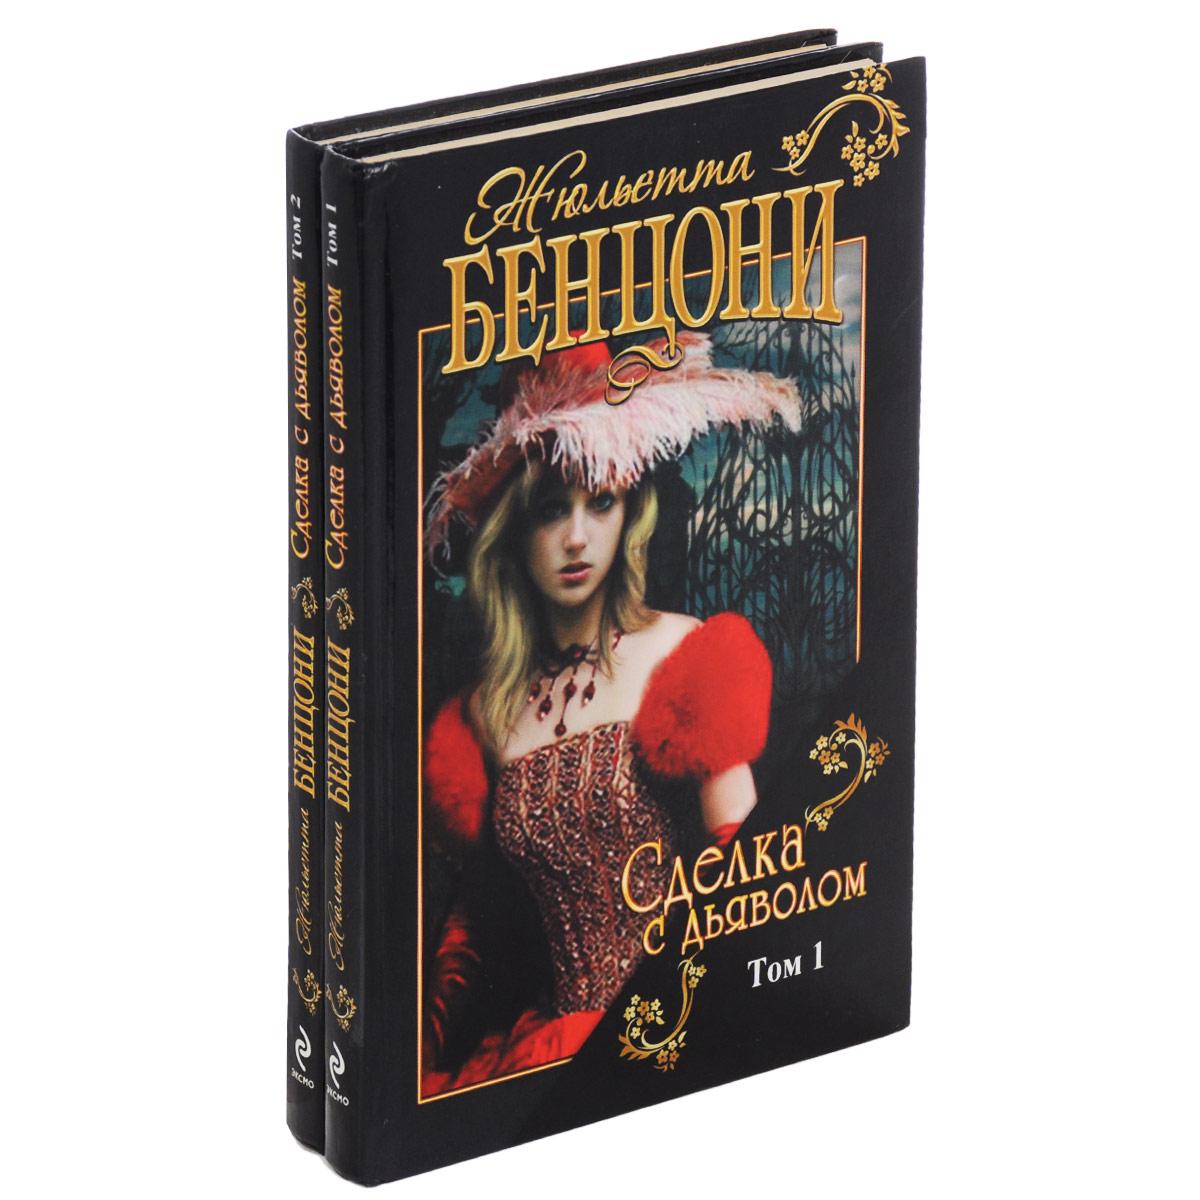 Сделка с дьяволом (комплект из 2 книг)